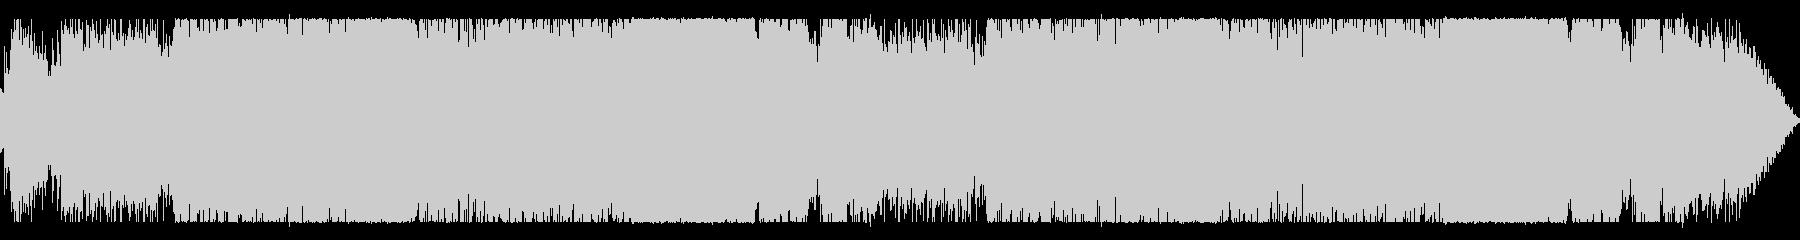 シンセサイザーとエレキギターの戦闘BGMの未再生の波形